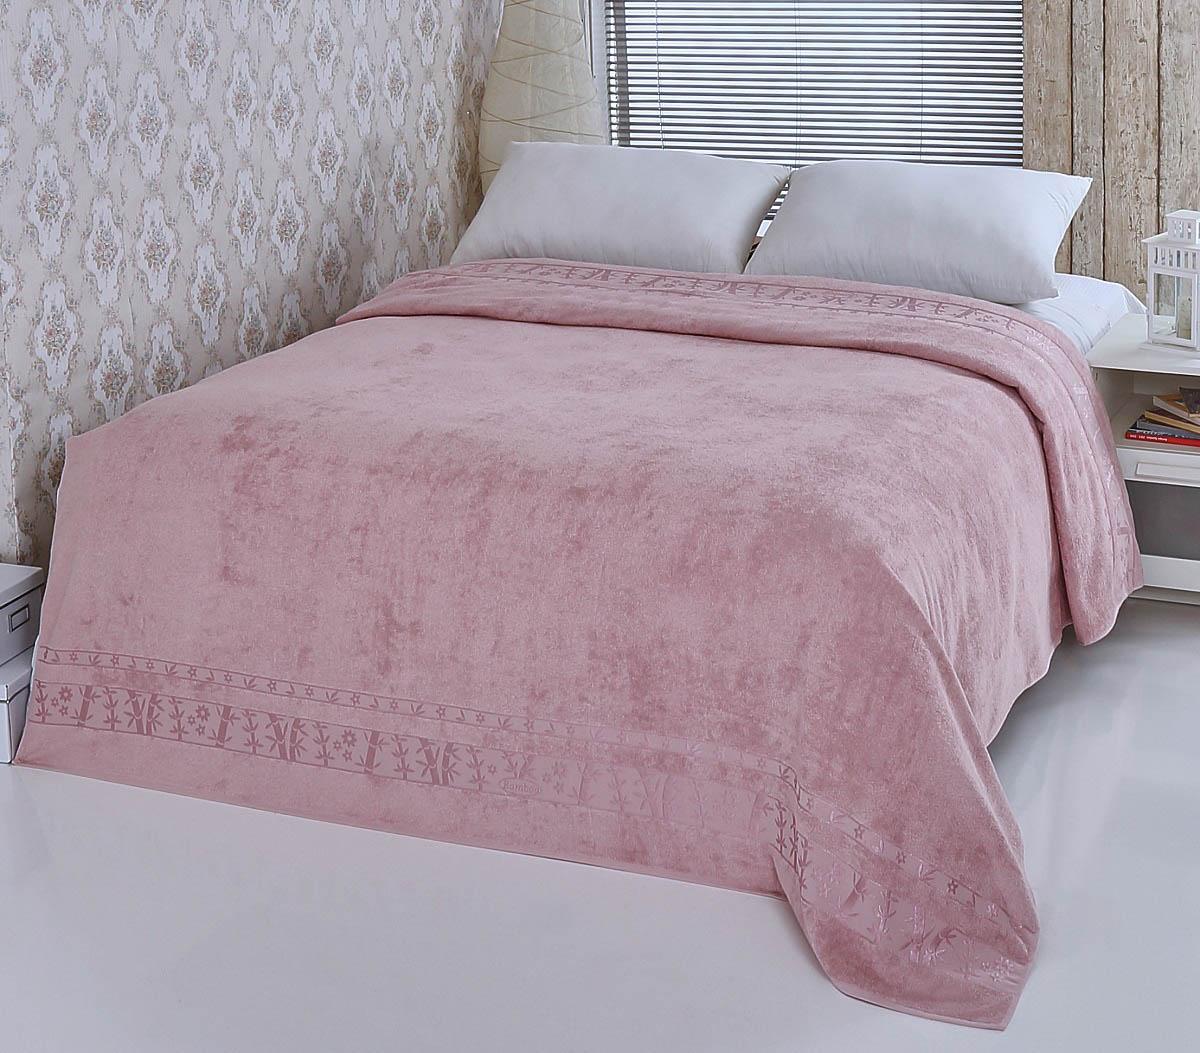 Купить Простыни Pupilla, Покрывало-простыня Elit Цвет: Грязно-Розовый (200х220 см), Турция, Бамбуковая махра